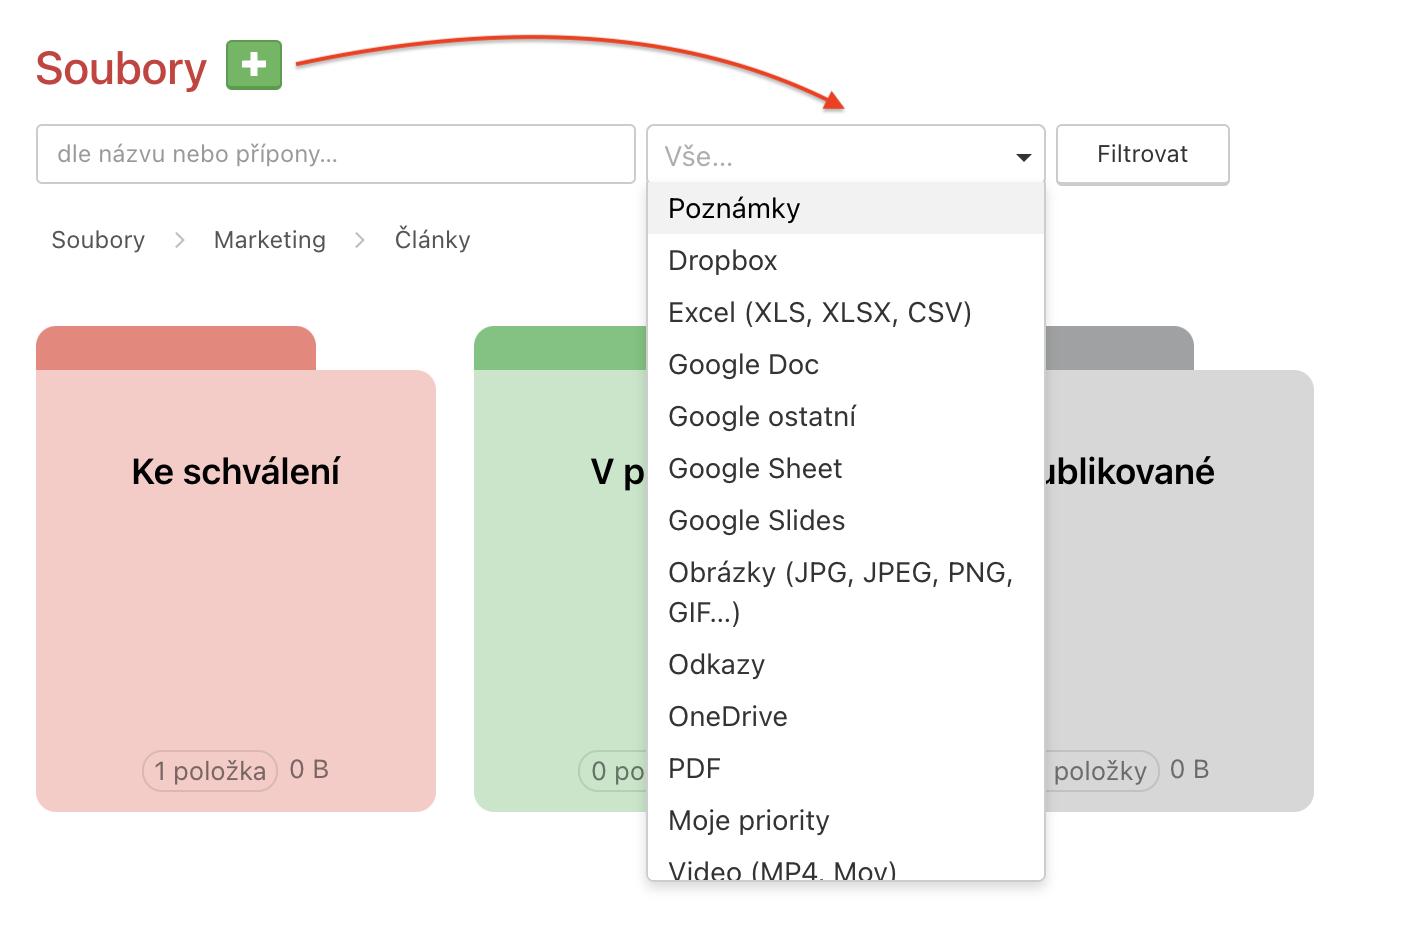 Ukázka možností filtrování souborů podle typu.